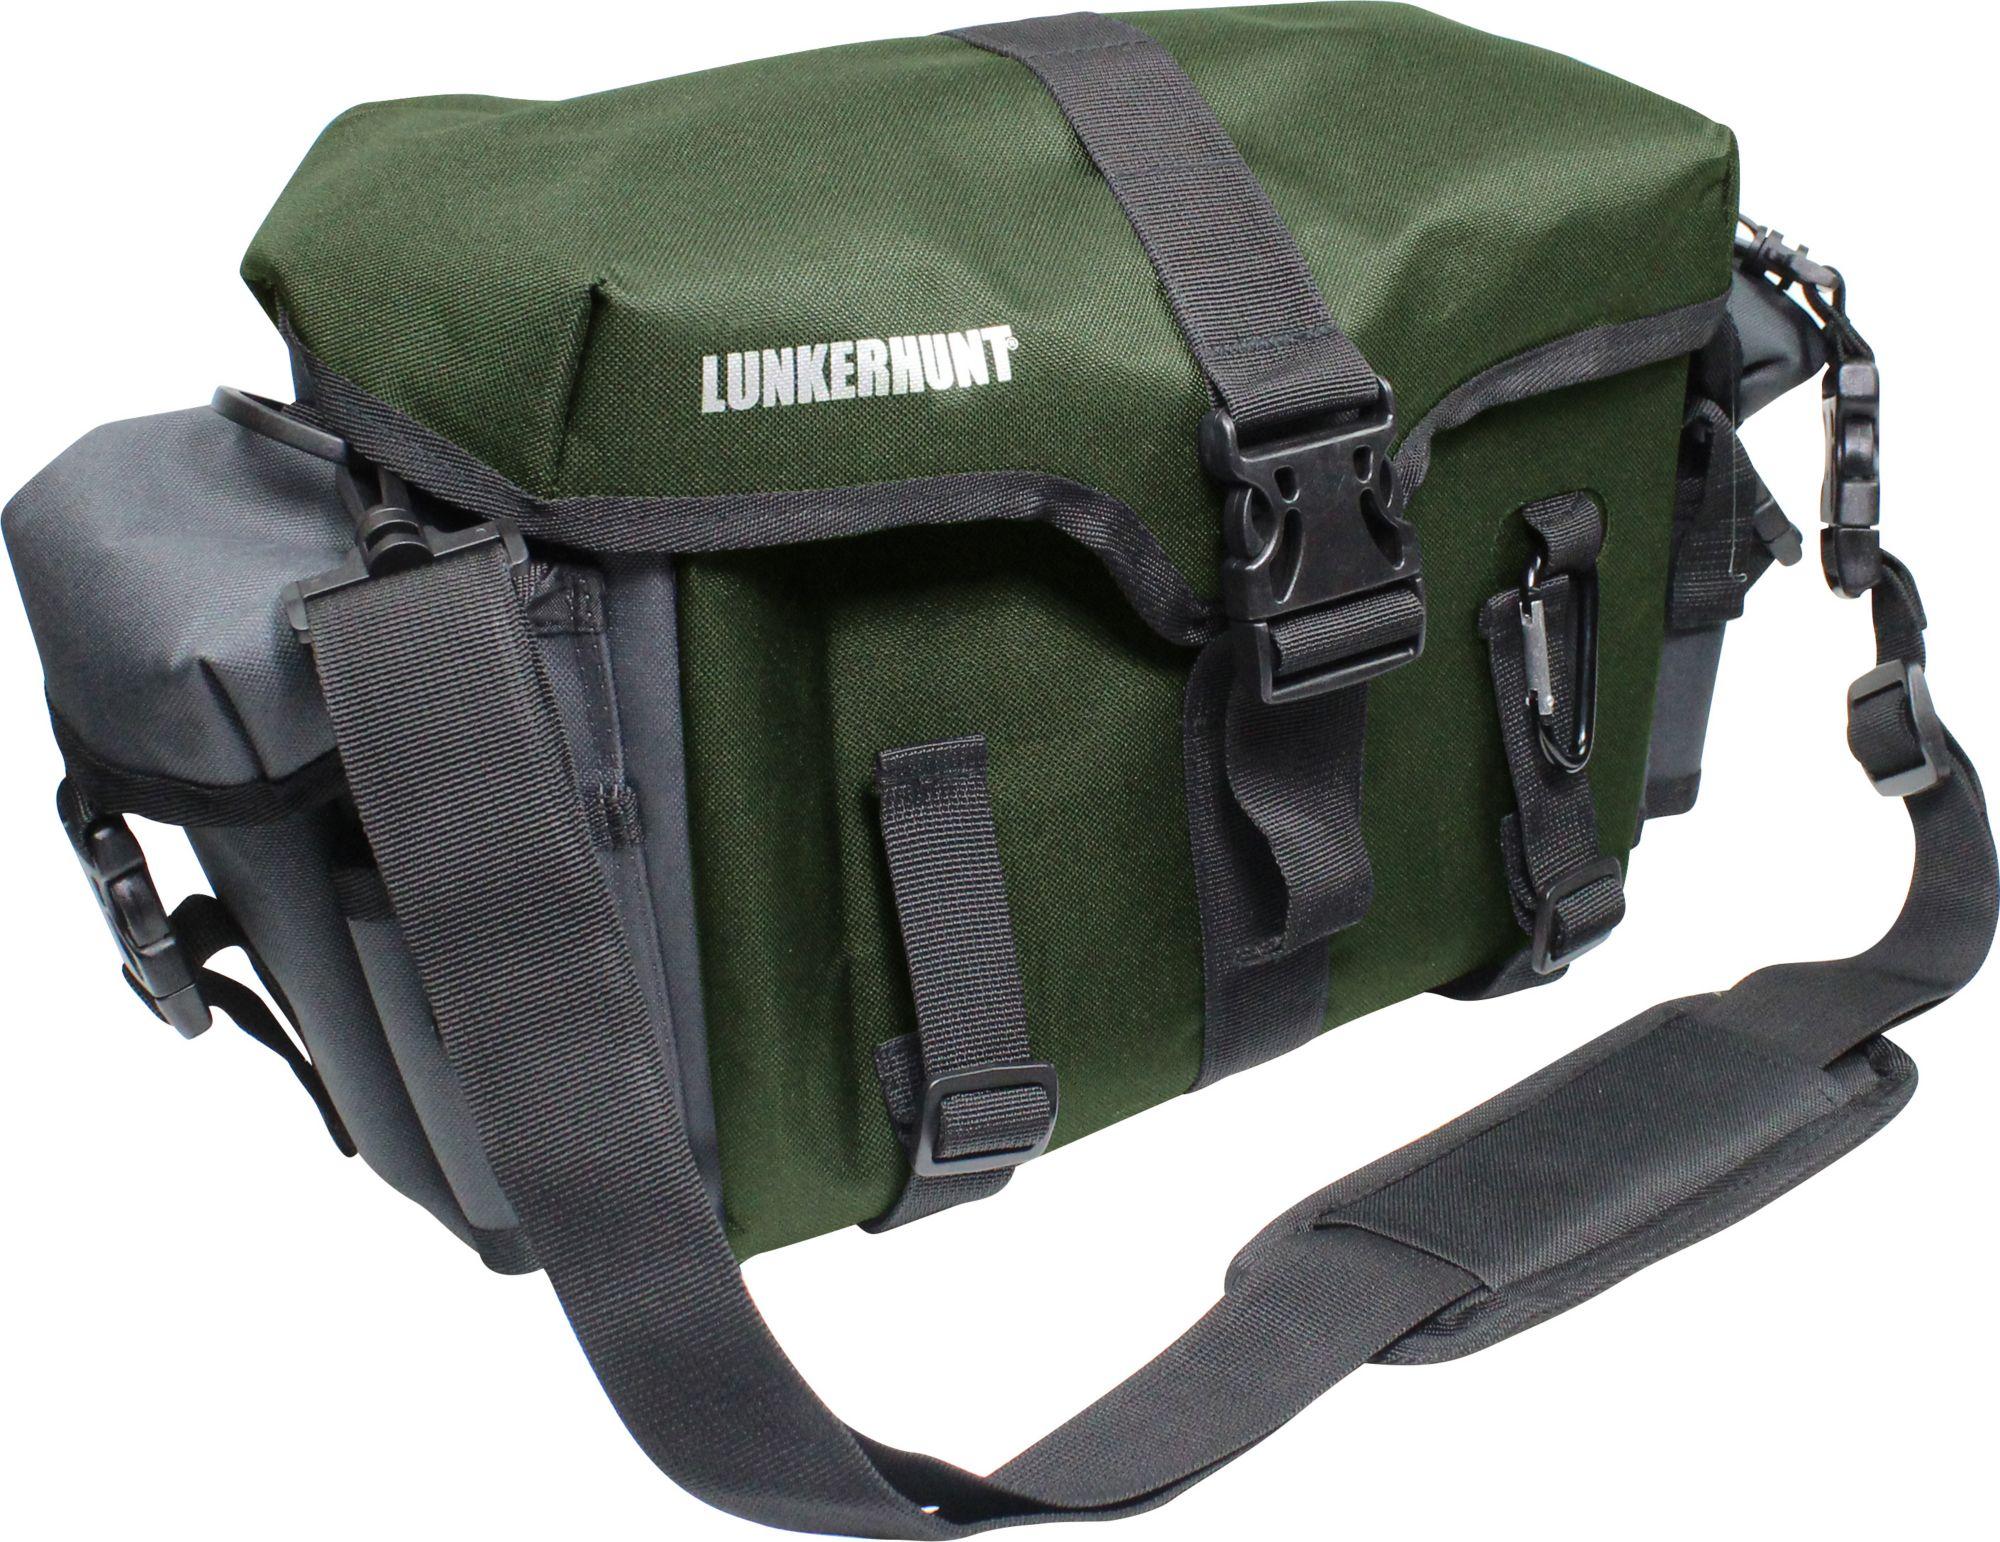 Lunkerhunt LTS Avid Satchel Tackle Bag, Size: One size